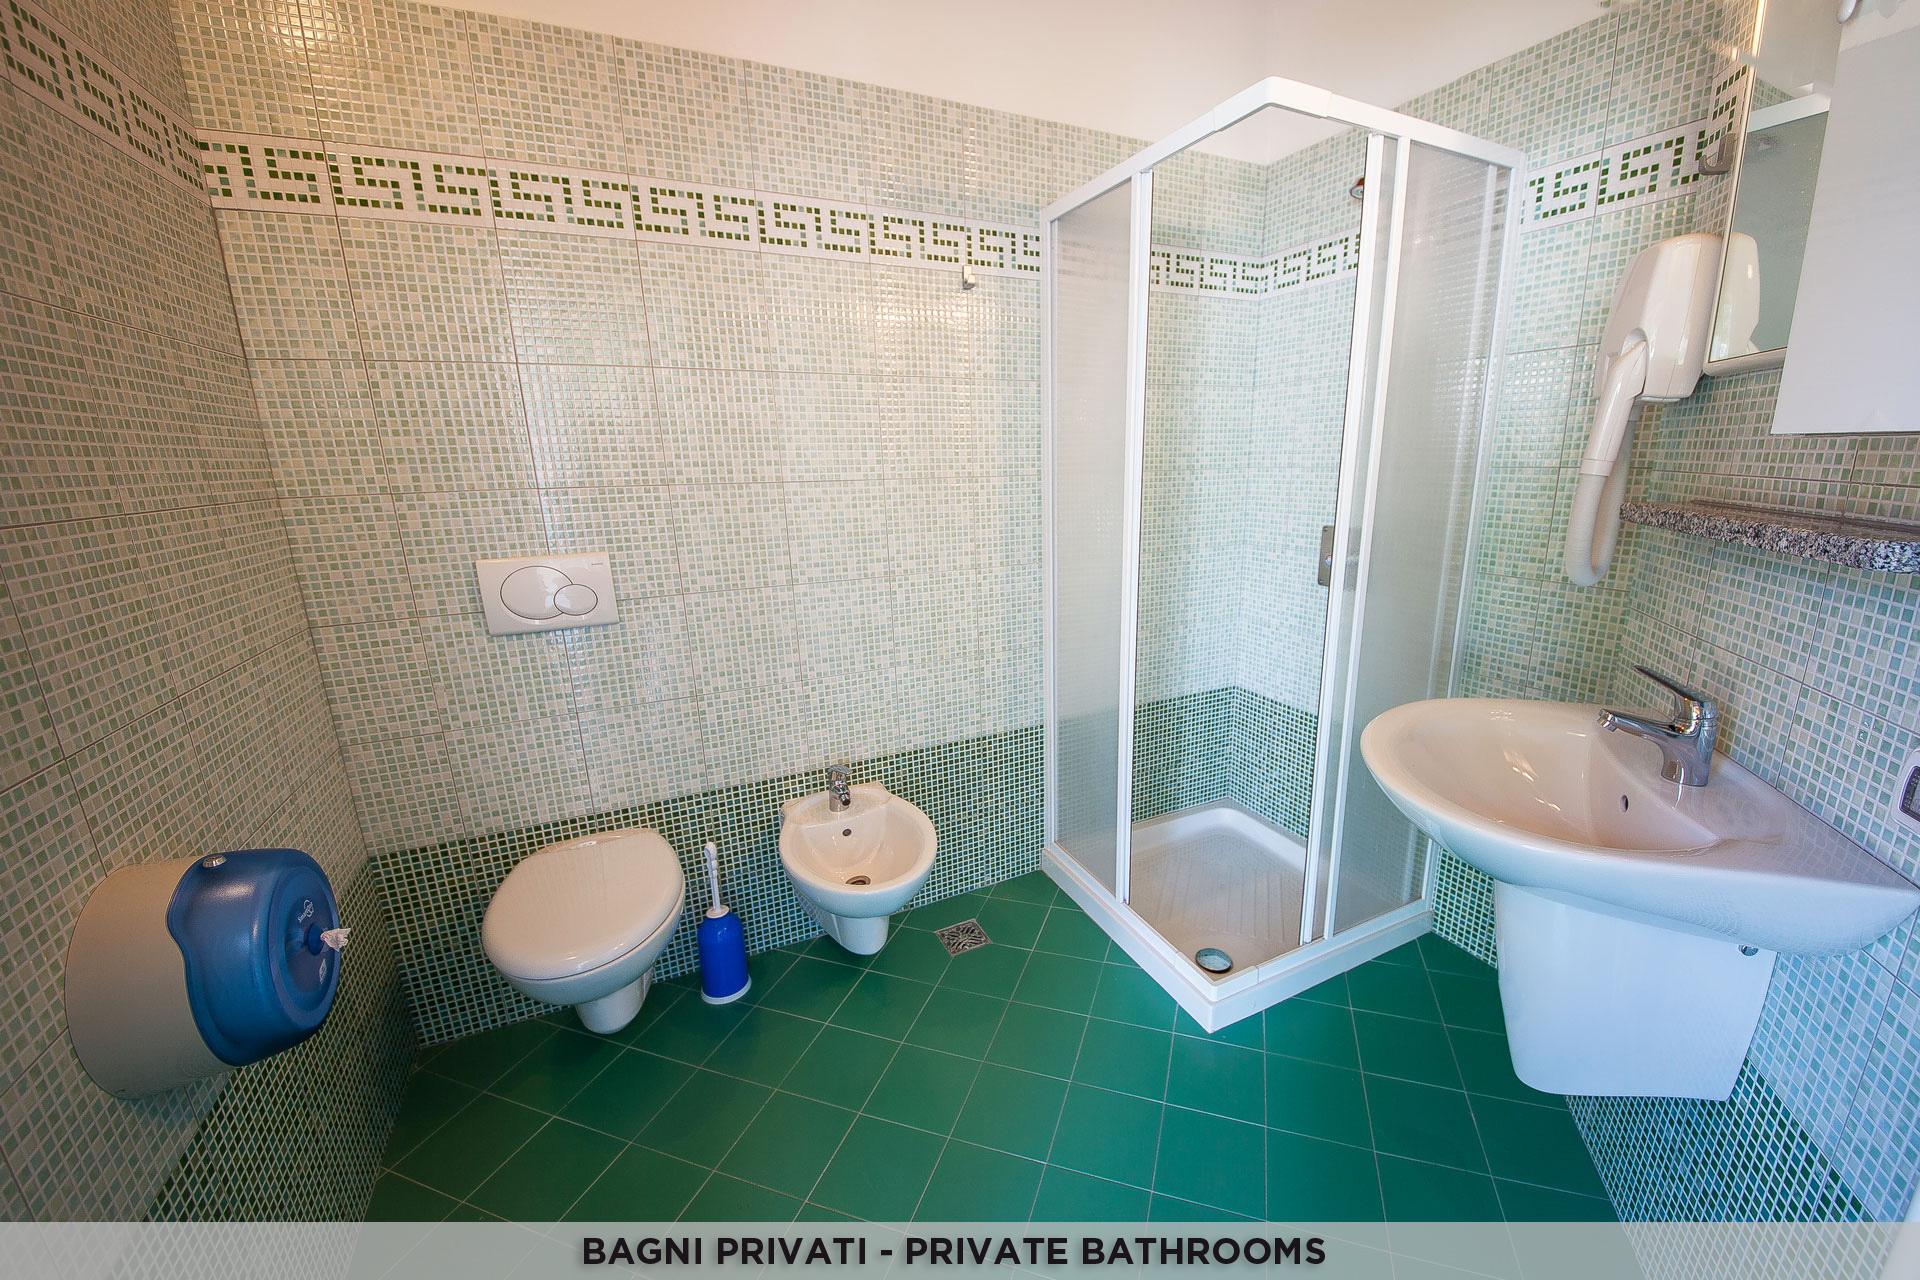 Servizi igienici campeggio mario con bagni privati - Bagni a pagamento ...